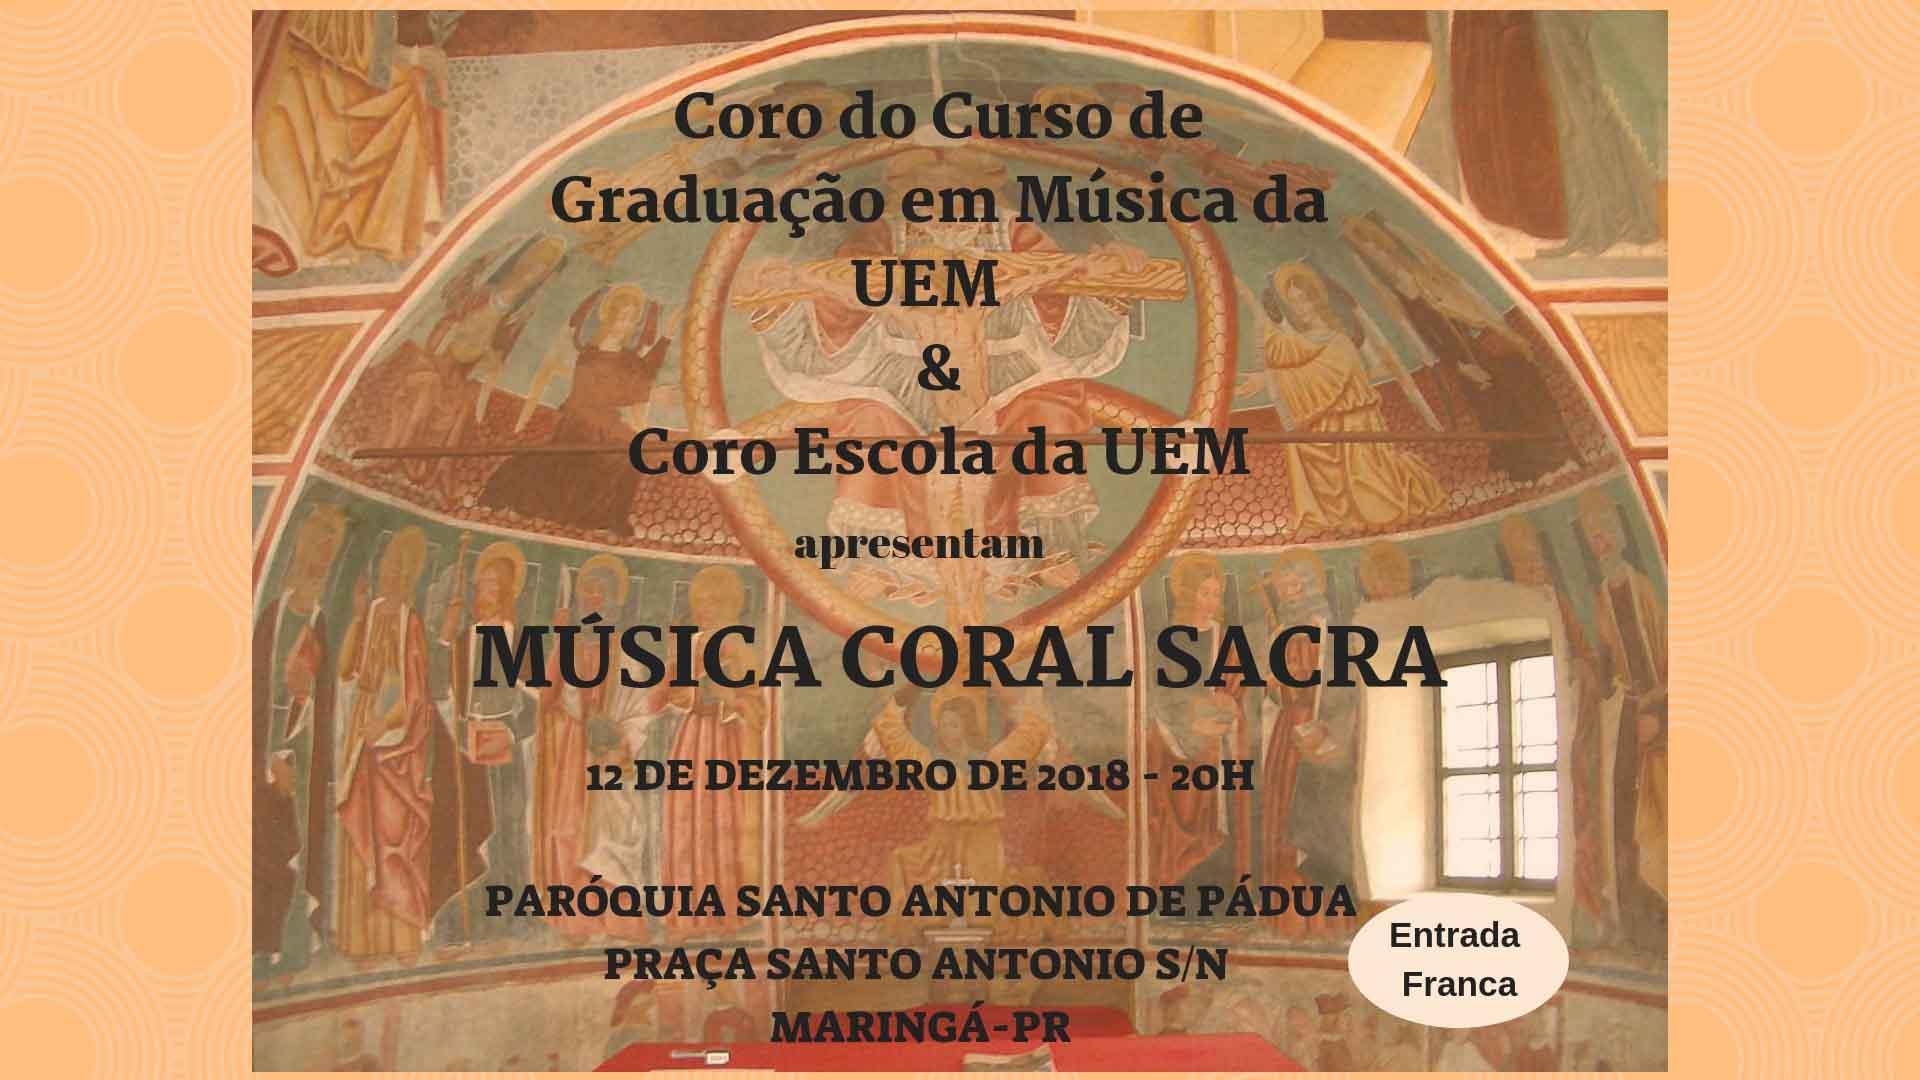 Coro do curso de Música & Coro Escola farão concerto de música coral sacra